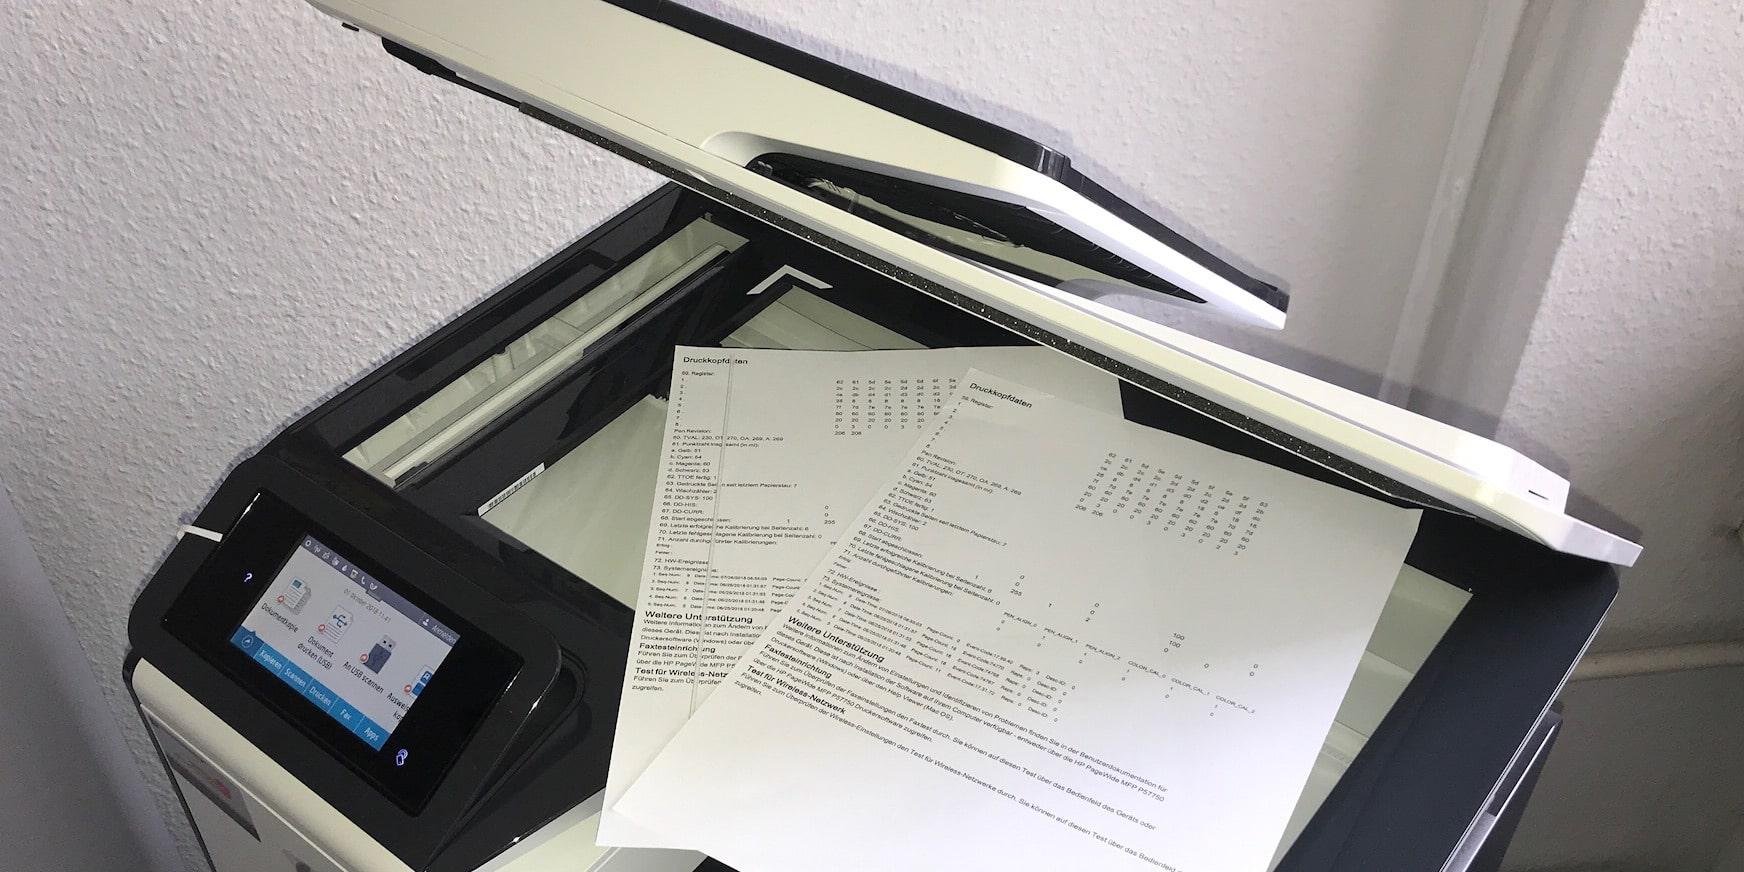 Verursacht der Drucker oder Kopierer schwarze Streifen, kann das verschiedene Ursachen haben.